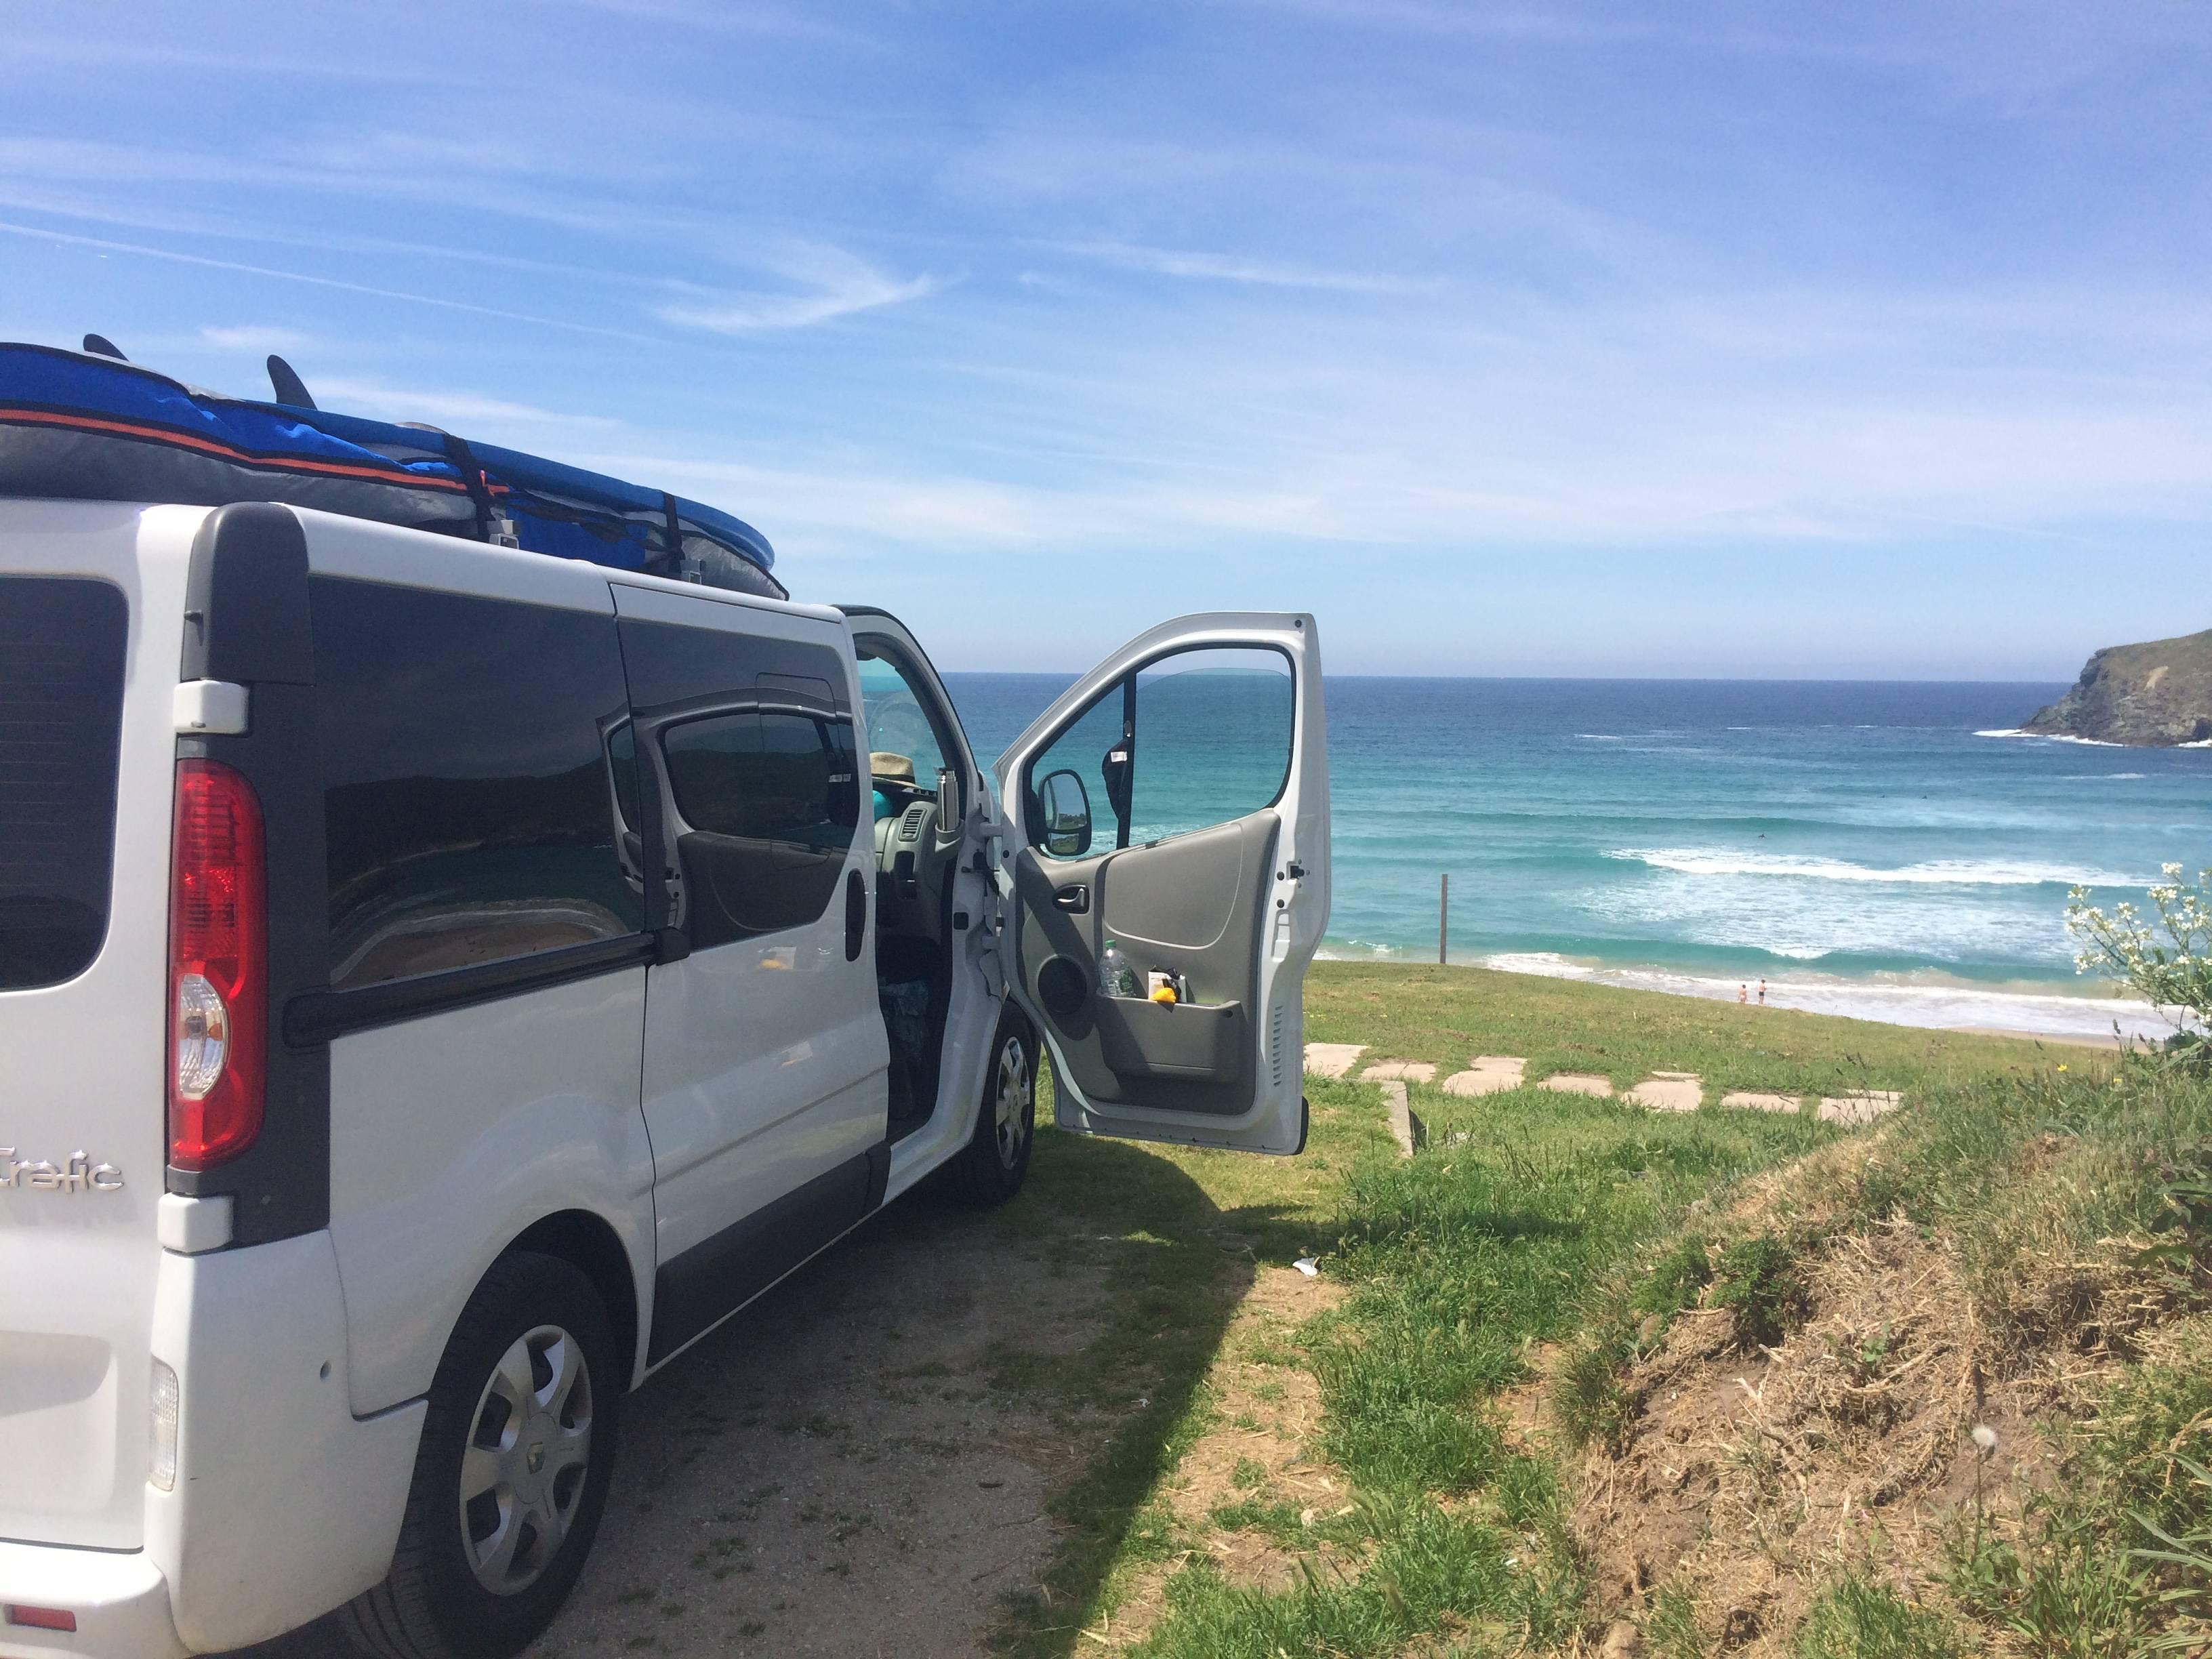 Photo 1: Spot de surf à Pantín en Galice